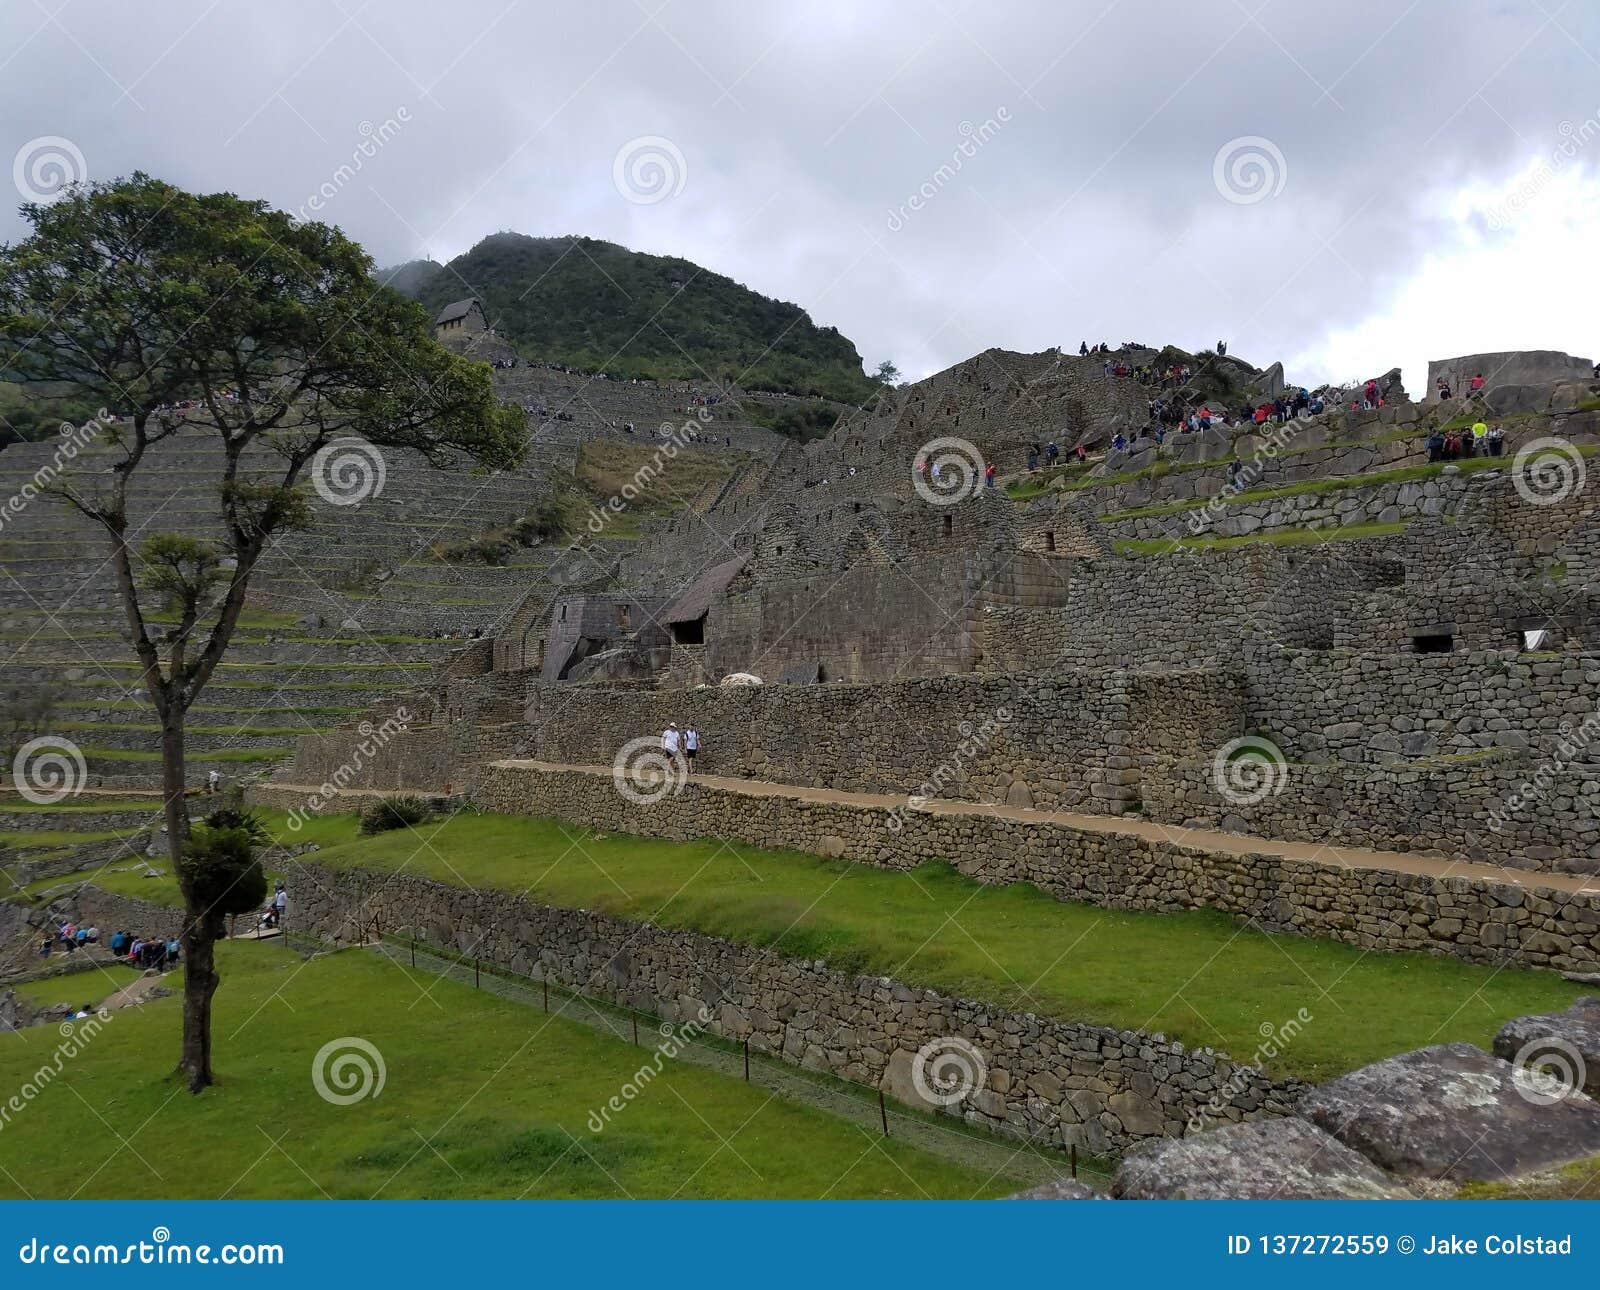 Dramatic Machu Picchu in the Clouds